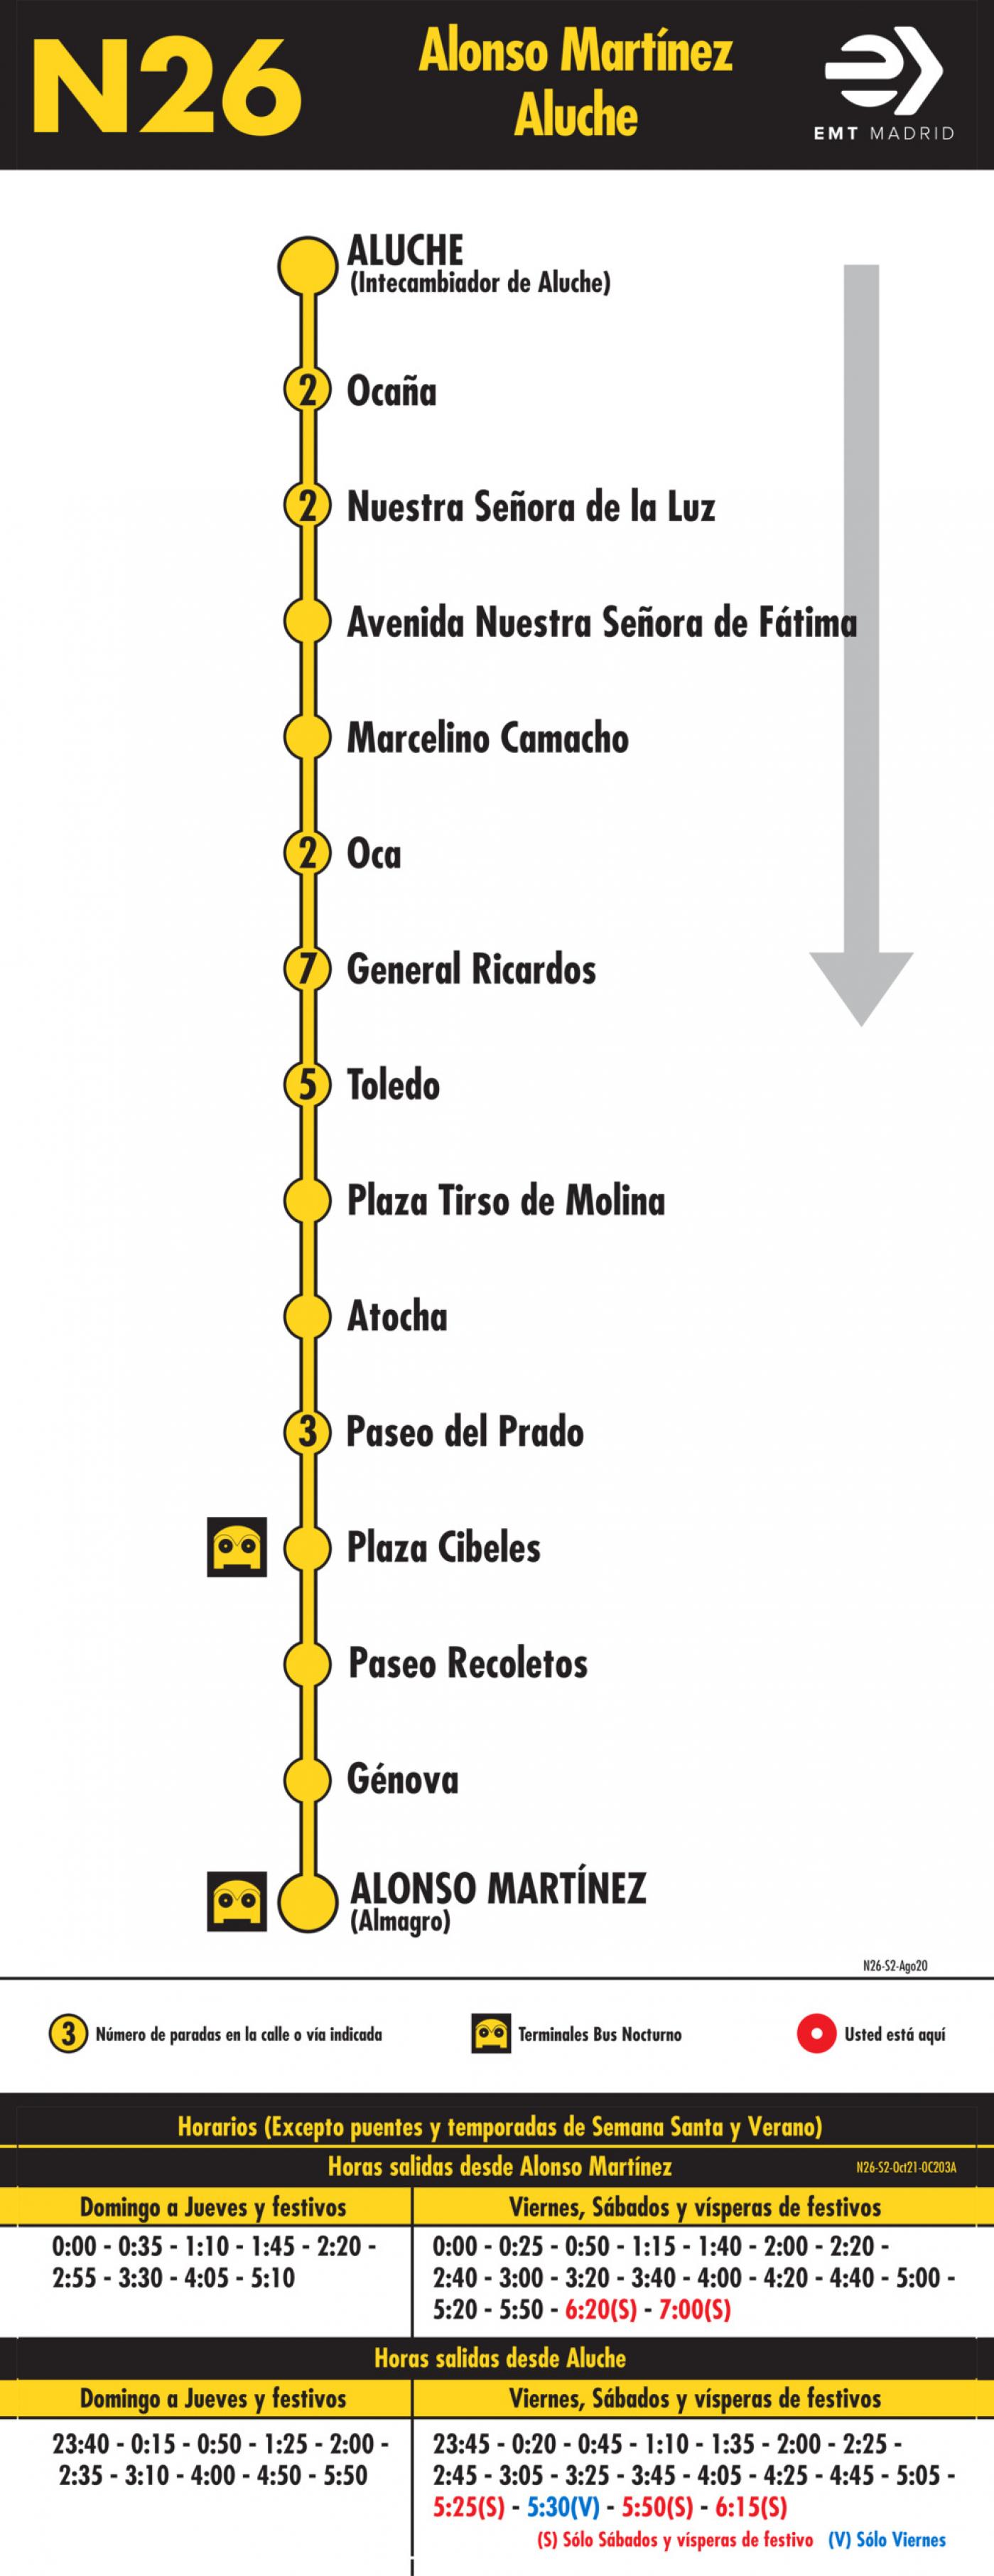 Tabla de horarios y frecuencias de paso en sentido vuelta Línea N26: Alonso Martínez - Aluche (búho)